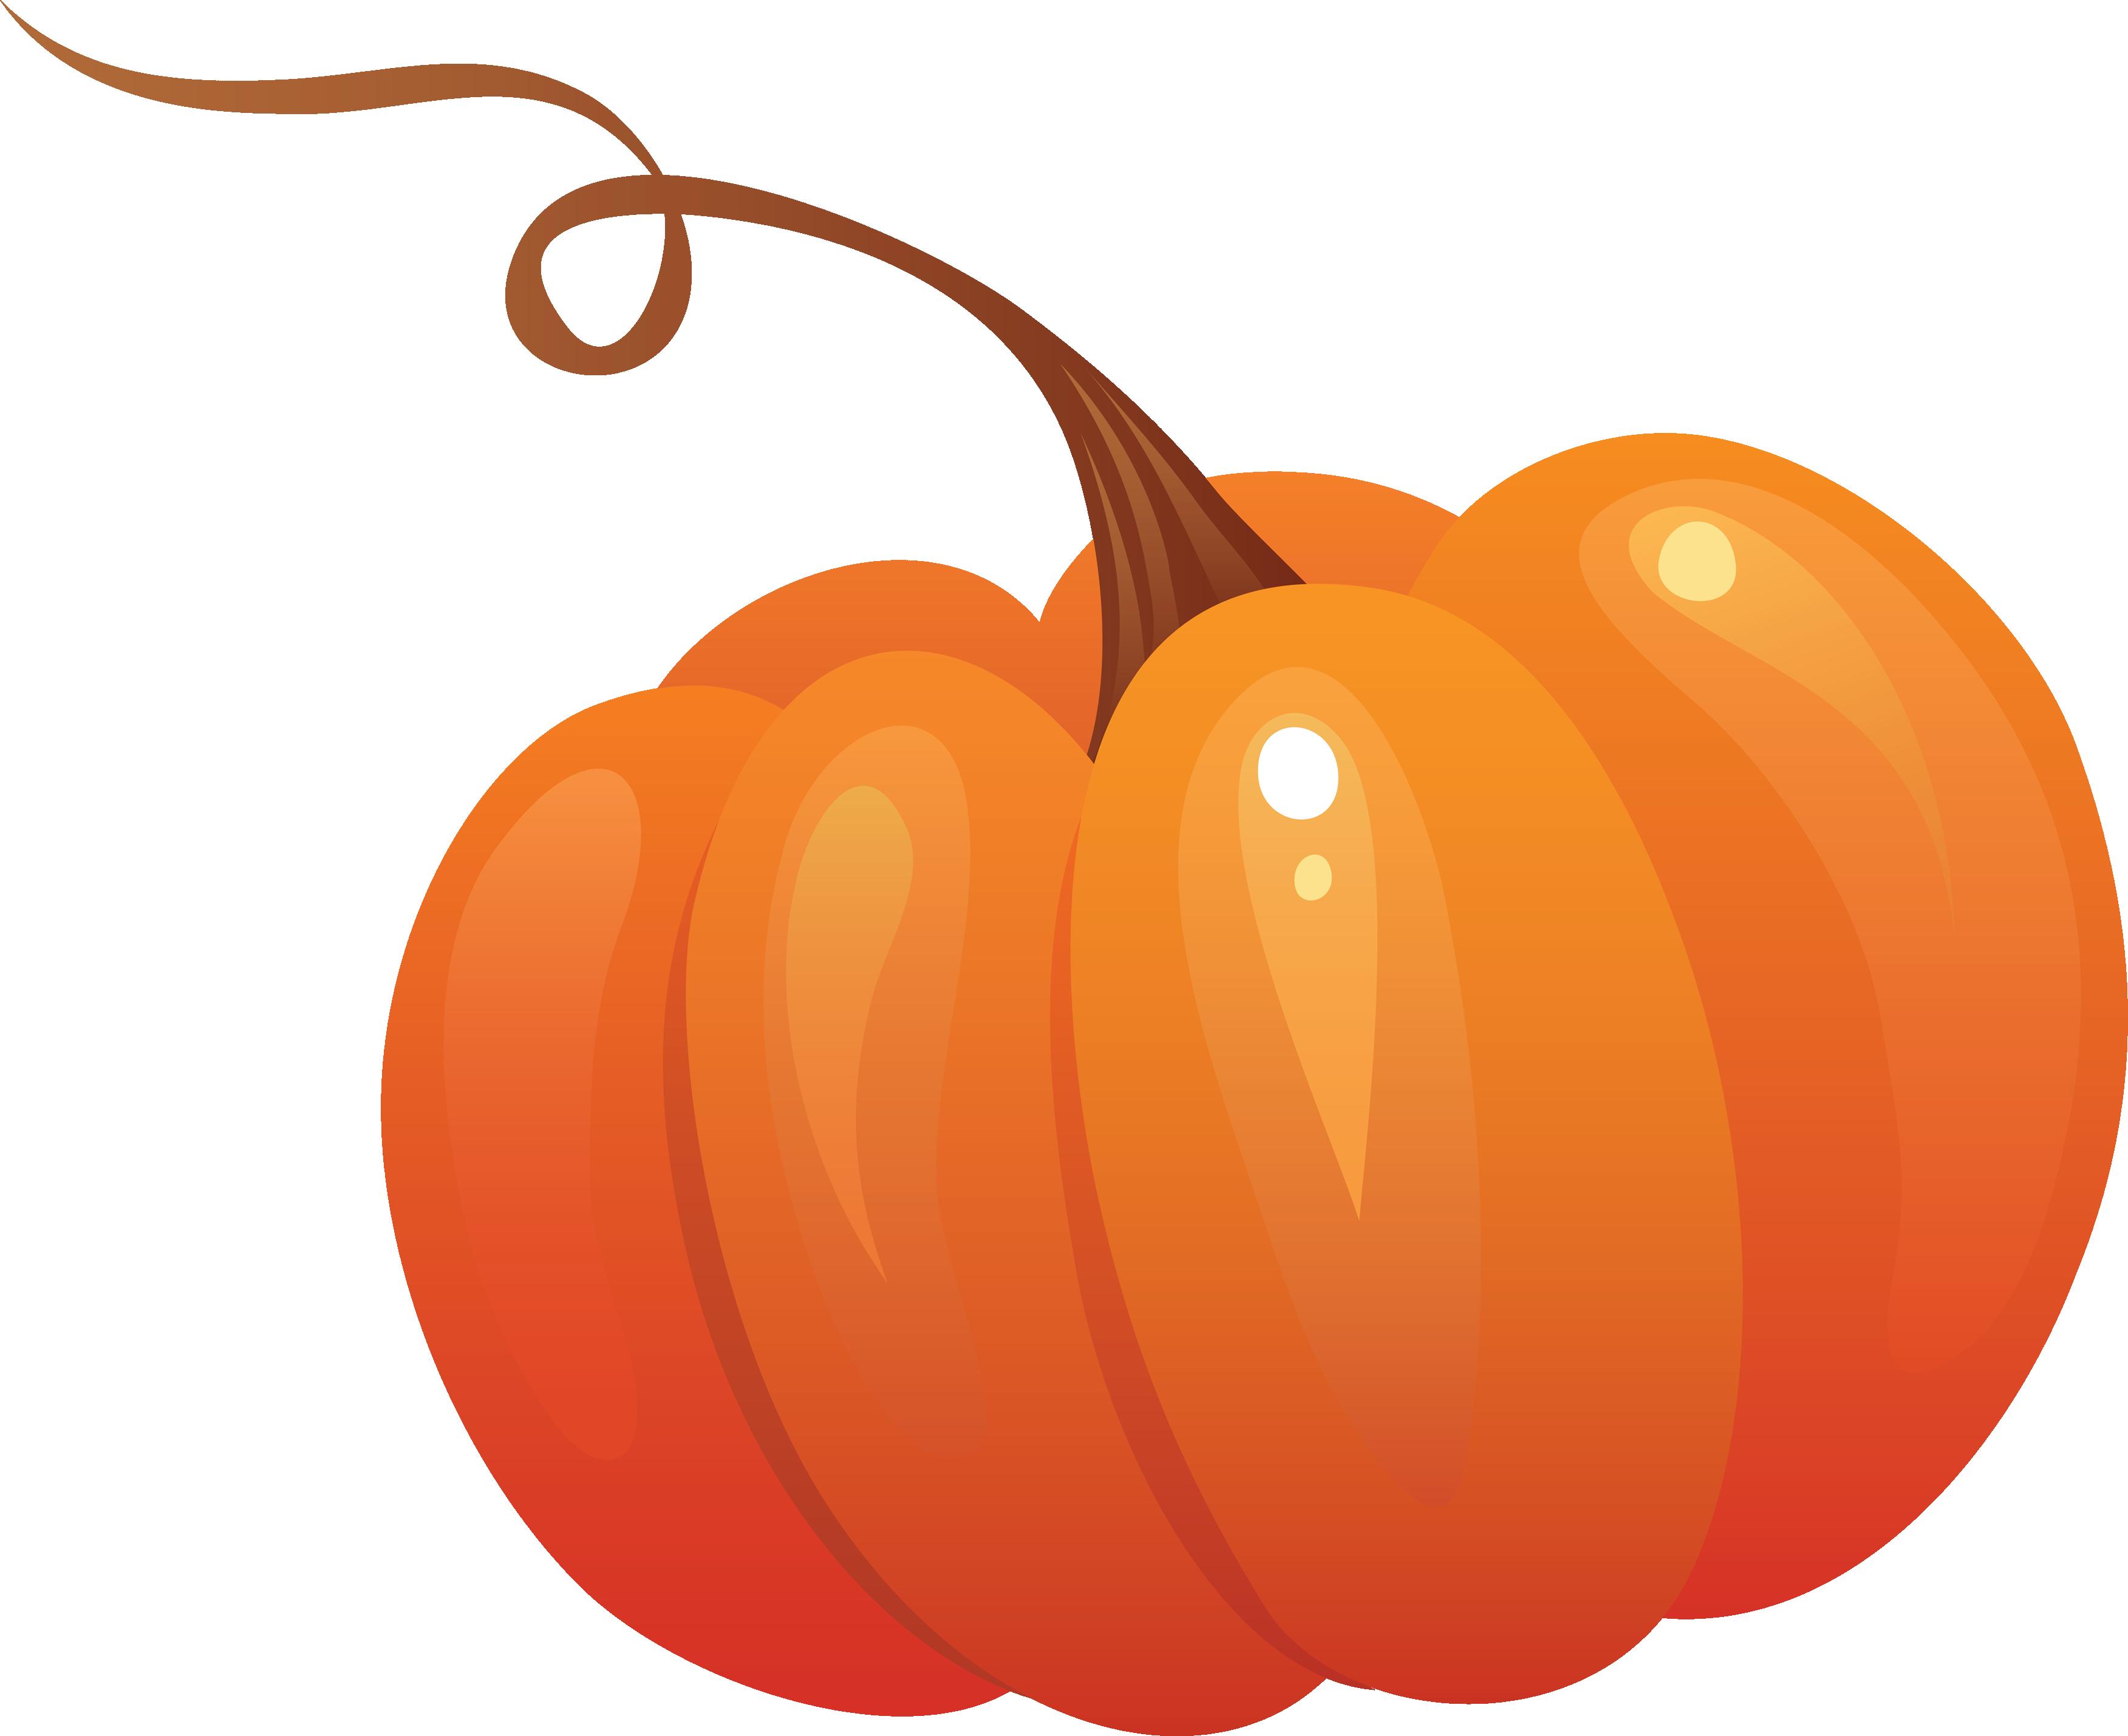 3504x2859 Squash Clipart Small Pumpkin